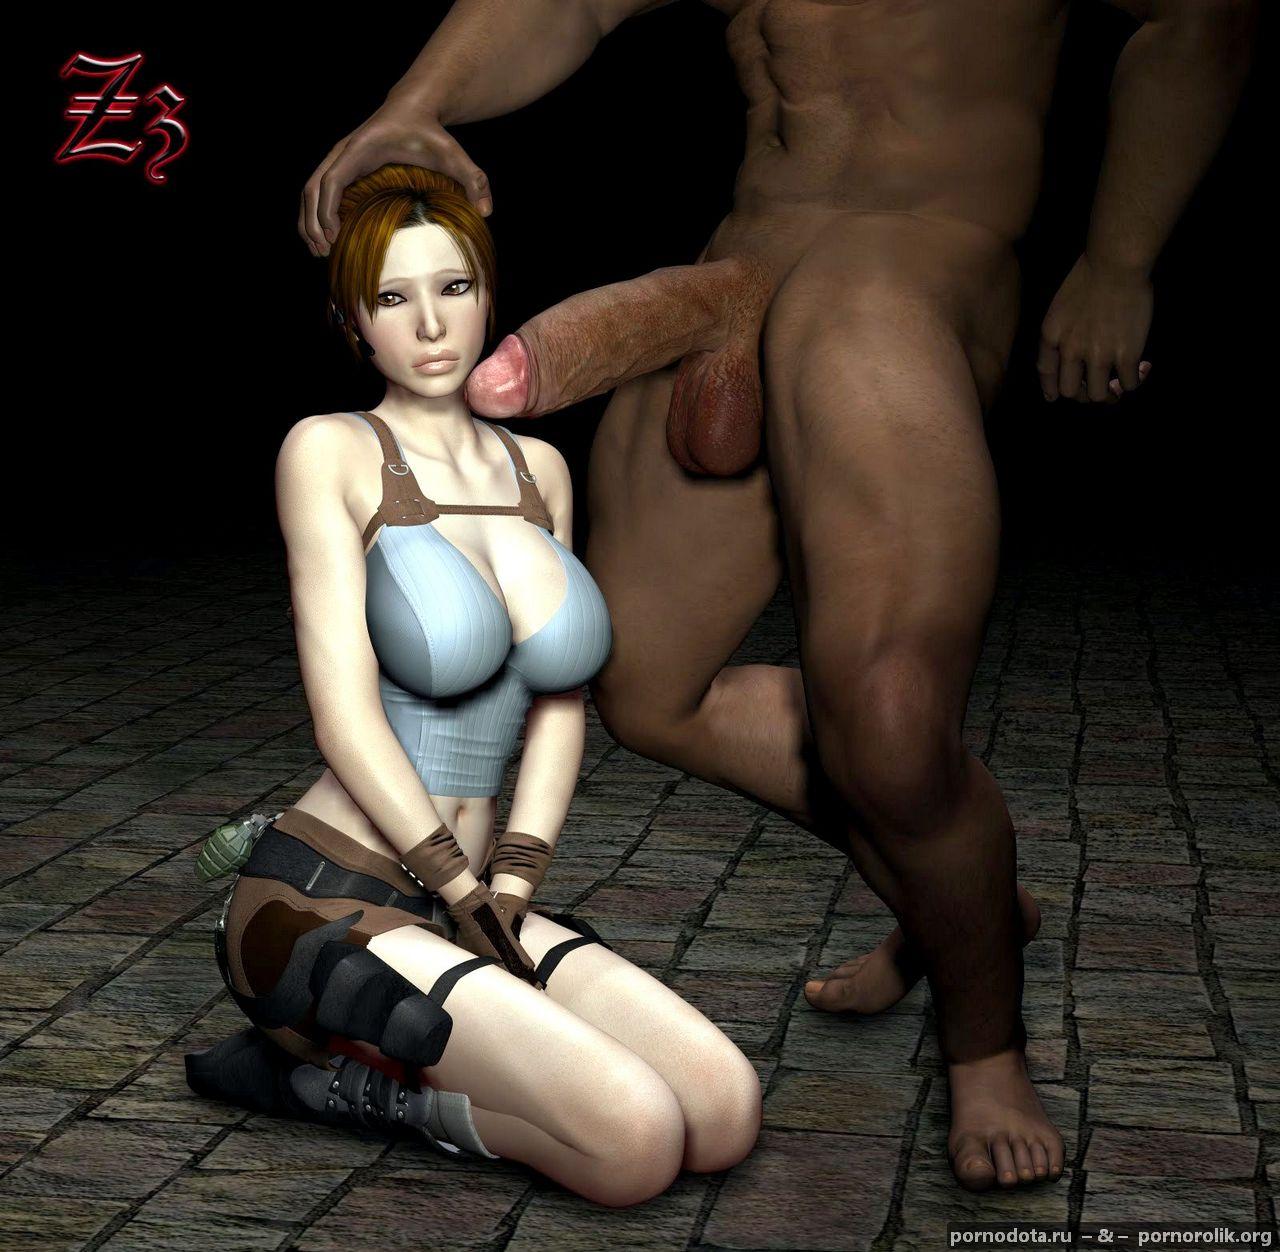 секс с ларой крофт фото